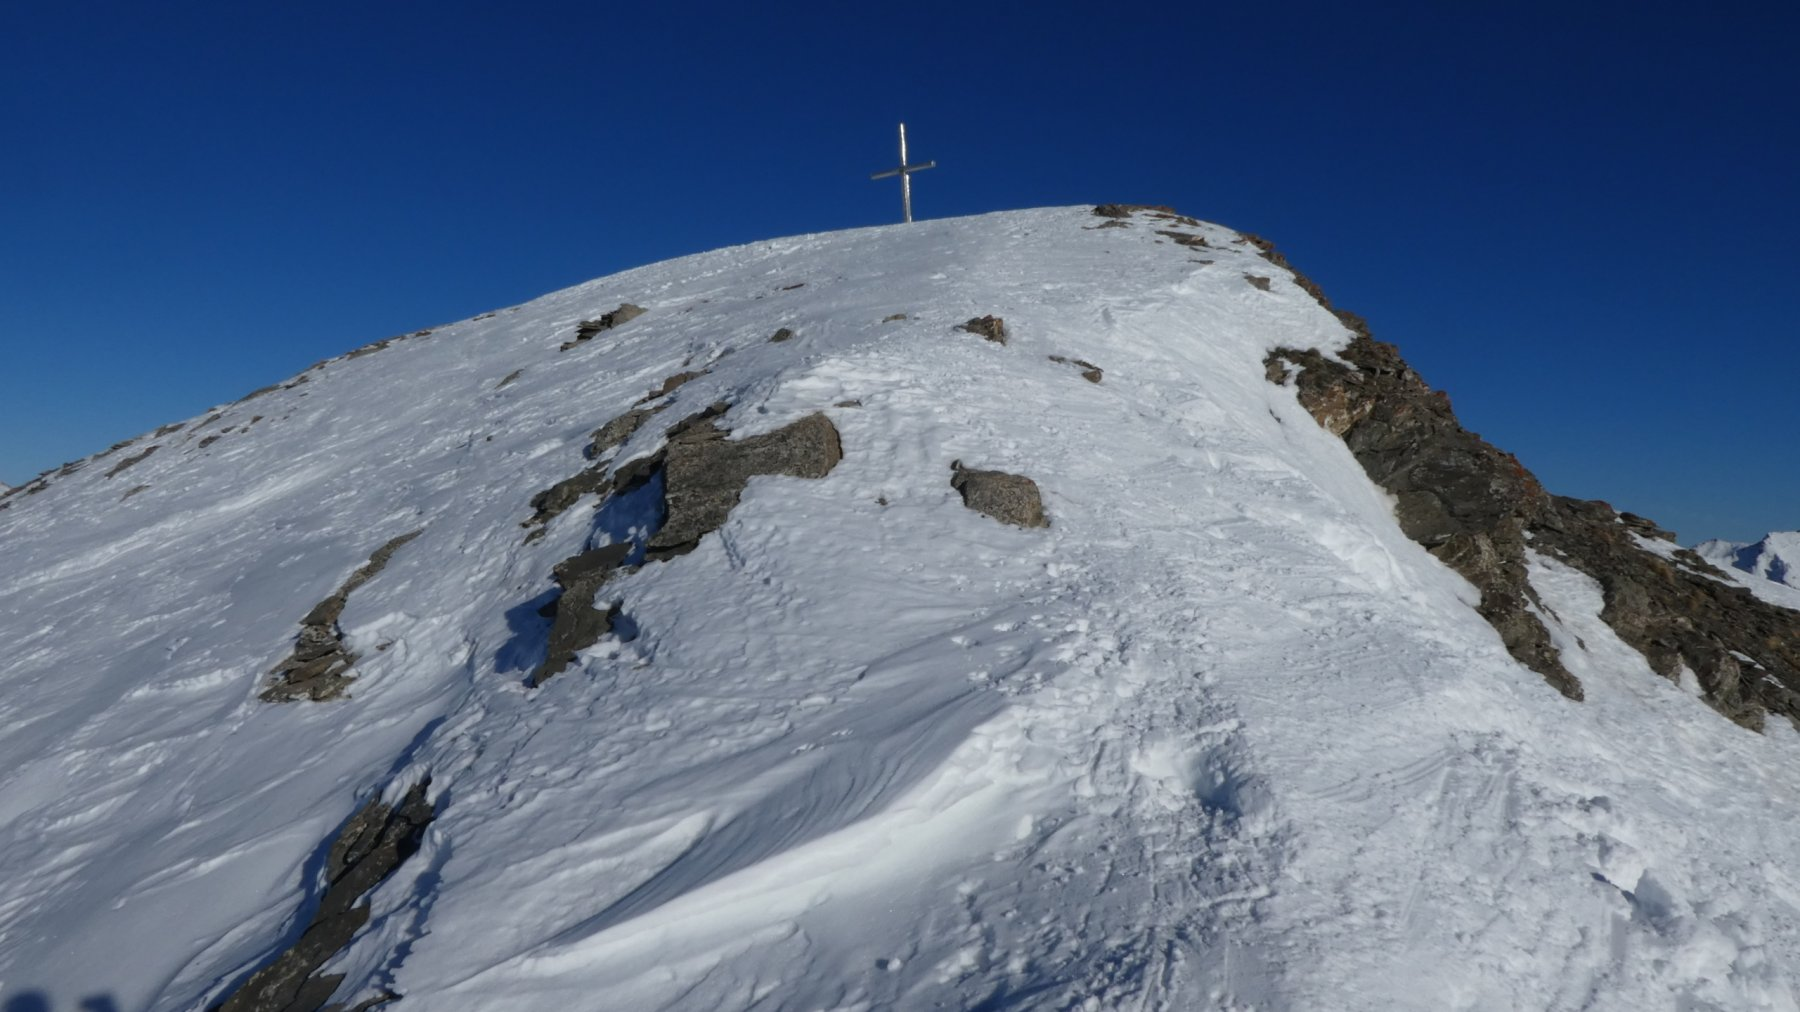 ultimi metri prima di arrivare in cima